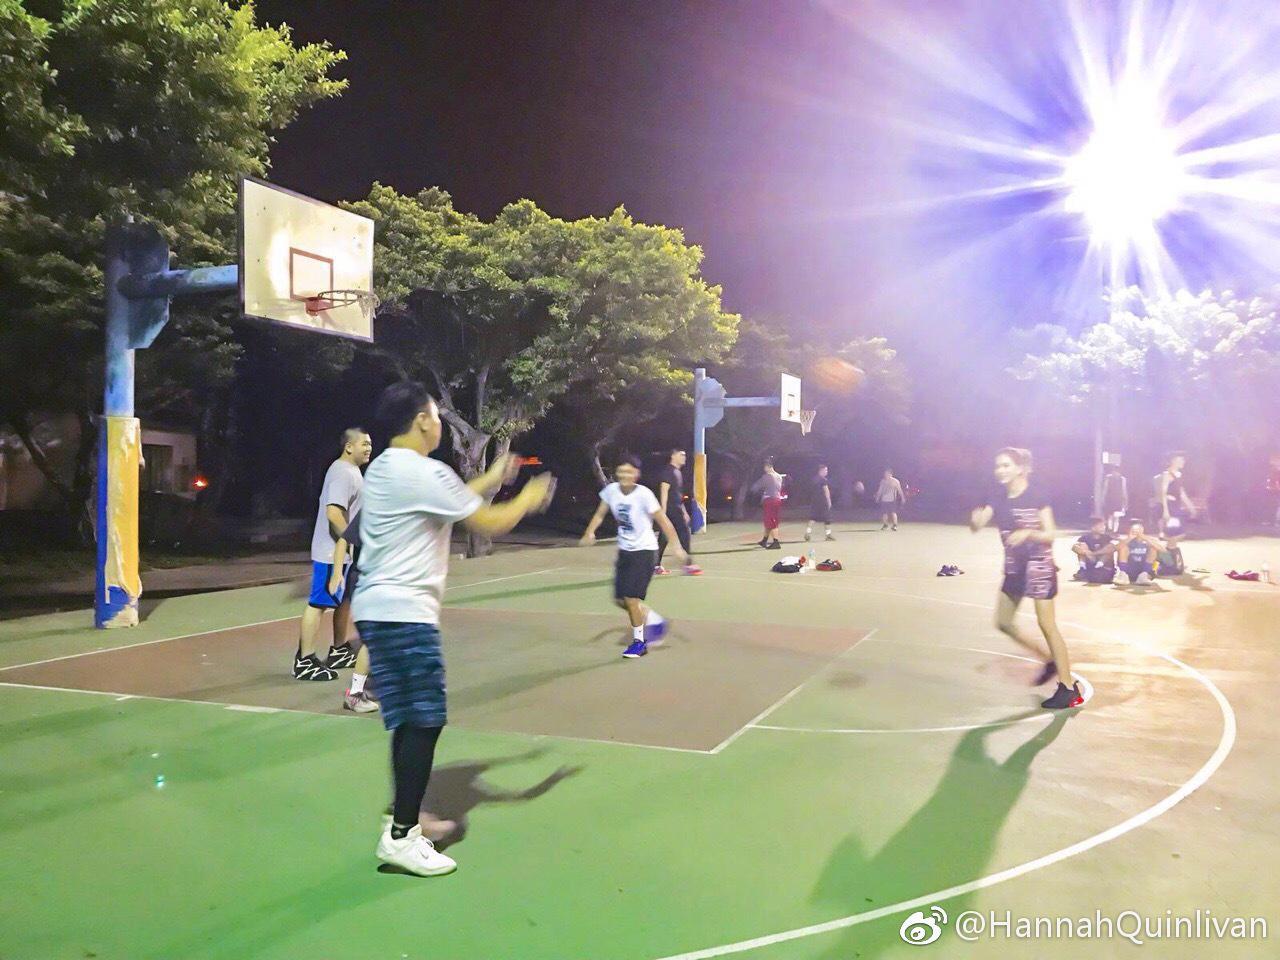 昆凌凌晨球场玩3对3斗牛 网友:周杰伦负责拍照?